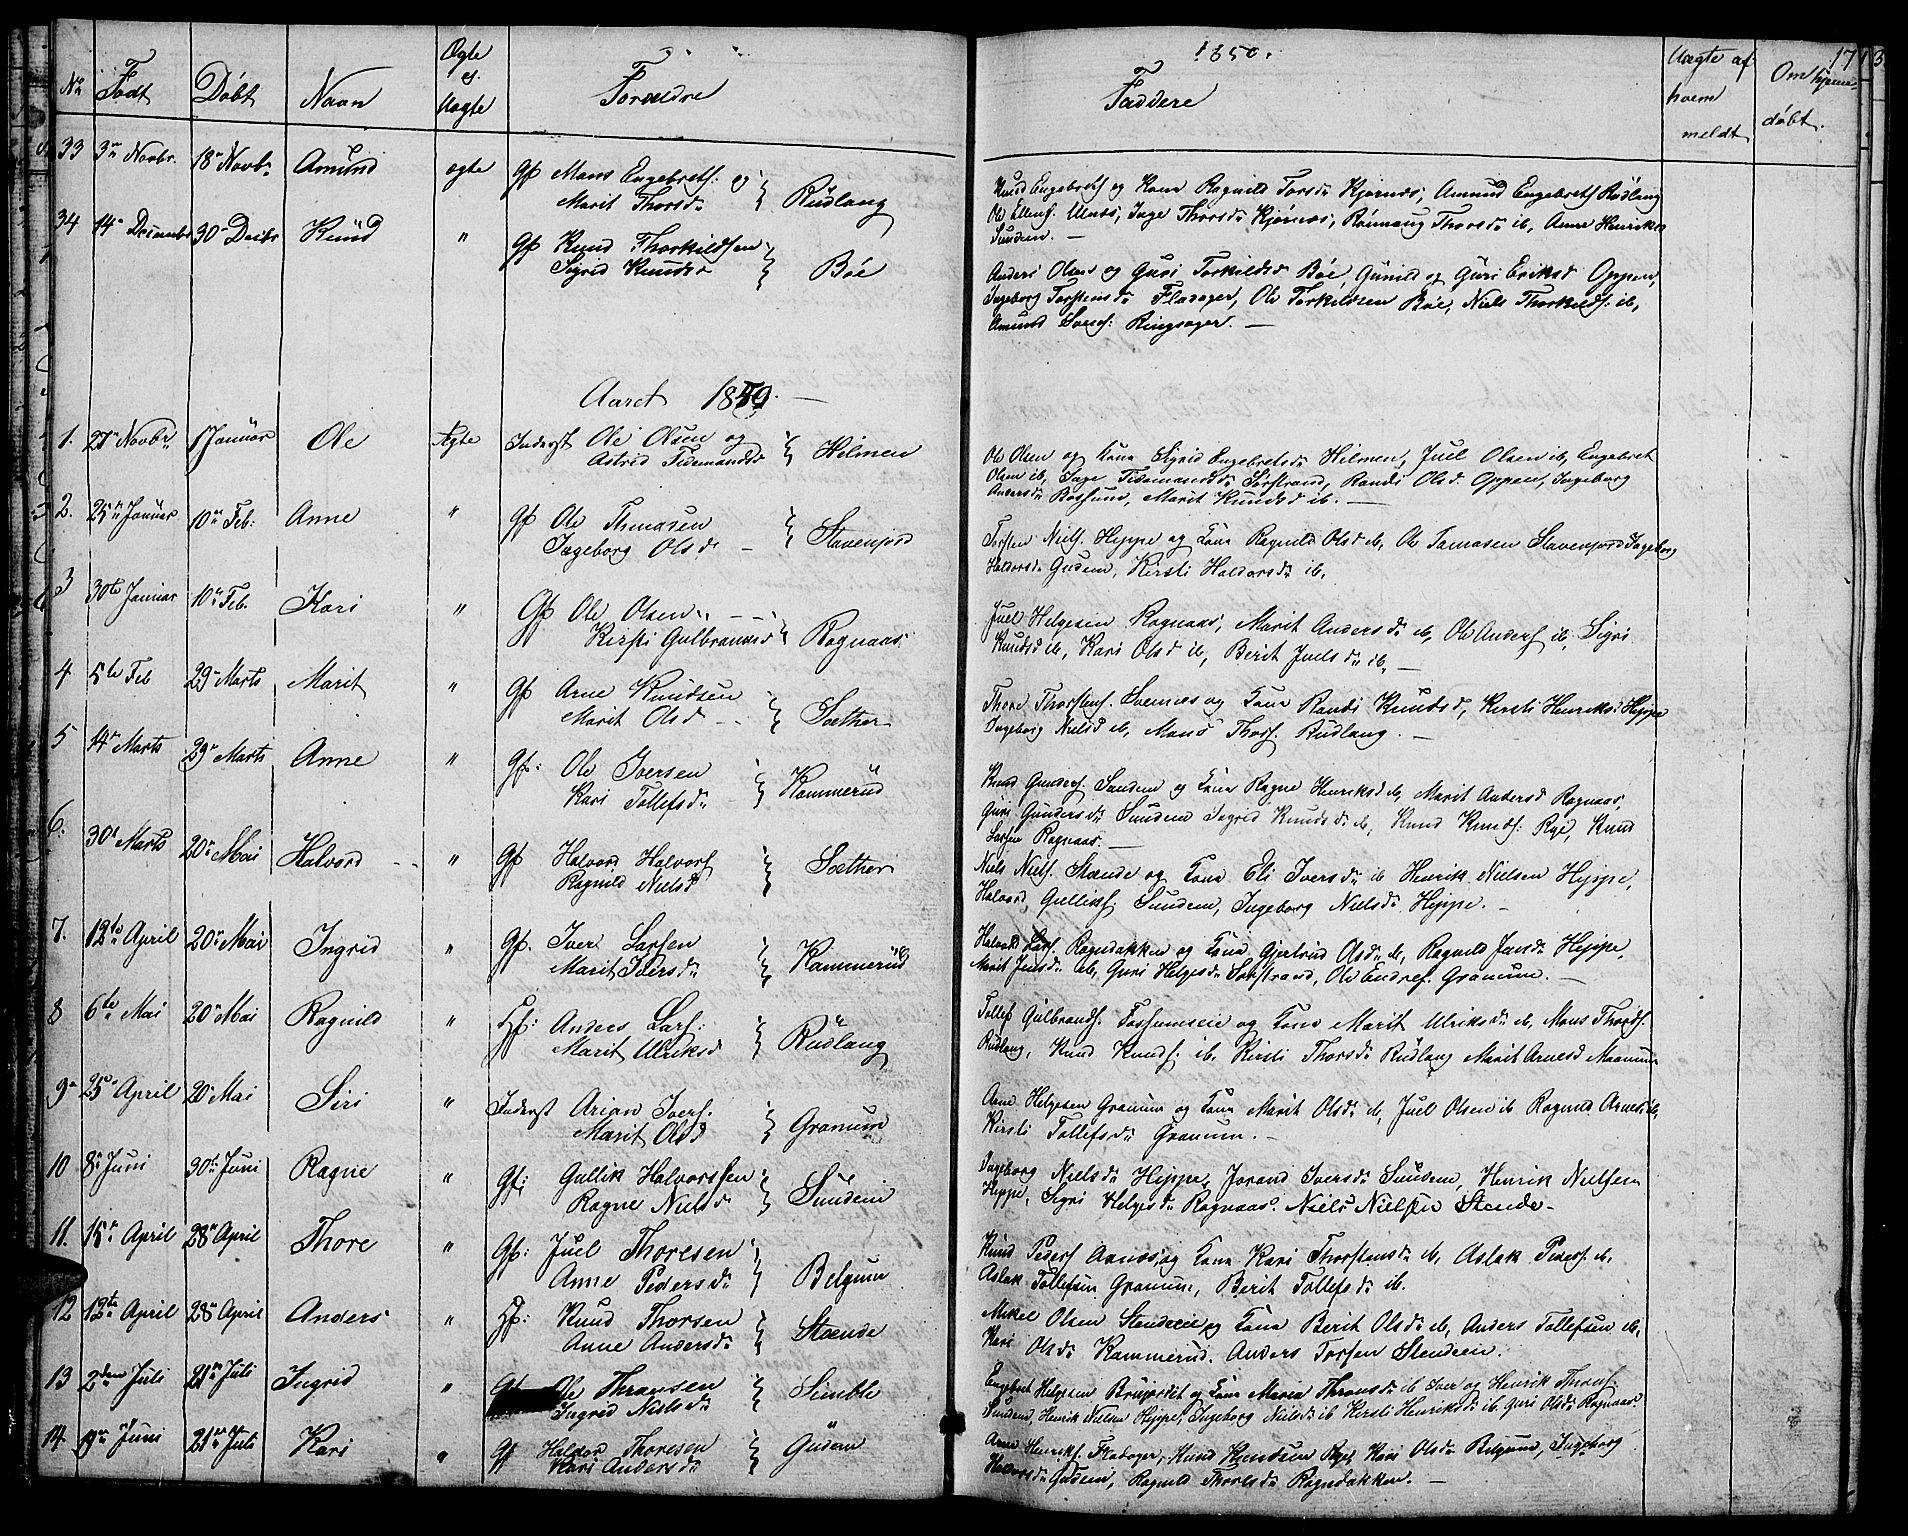 SAH, Nord-Aurdal prestekontor, Klokkerbok nr. 4, 1842-1882, s. 17